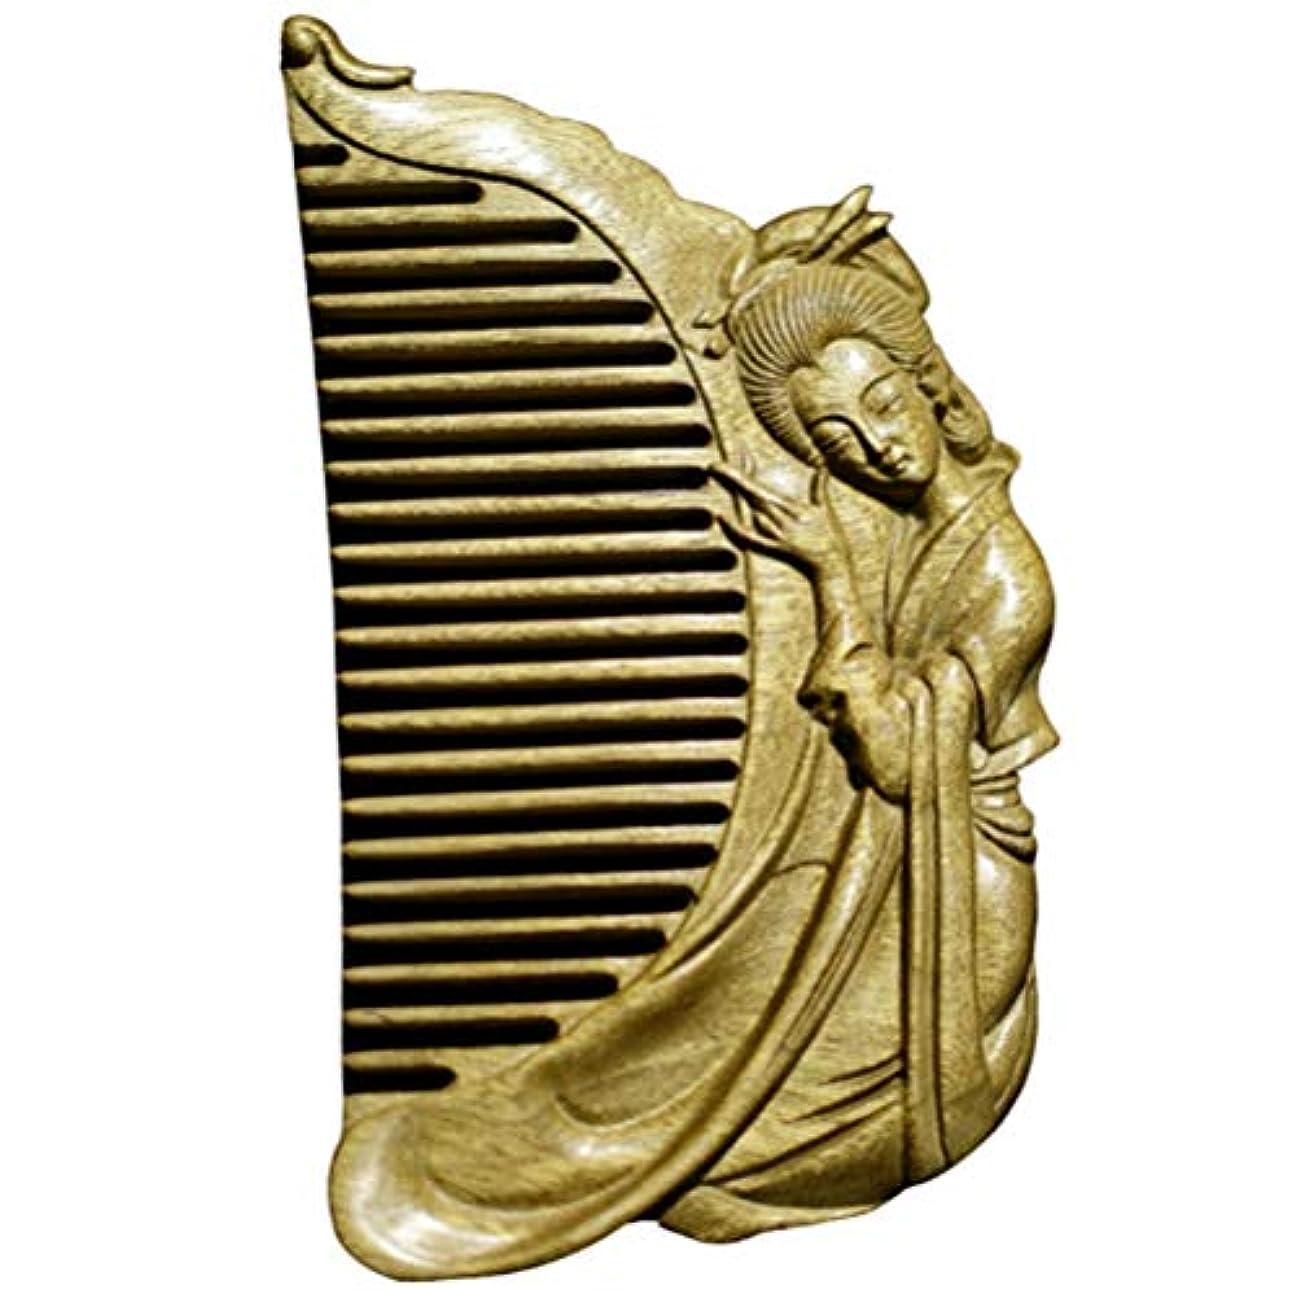 サーキットに行く把握厳Fashian手彫りの女性の櫛/黒檀の櫛は、母親と友達に送ることができます モデリングツール (色 : Wood)